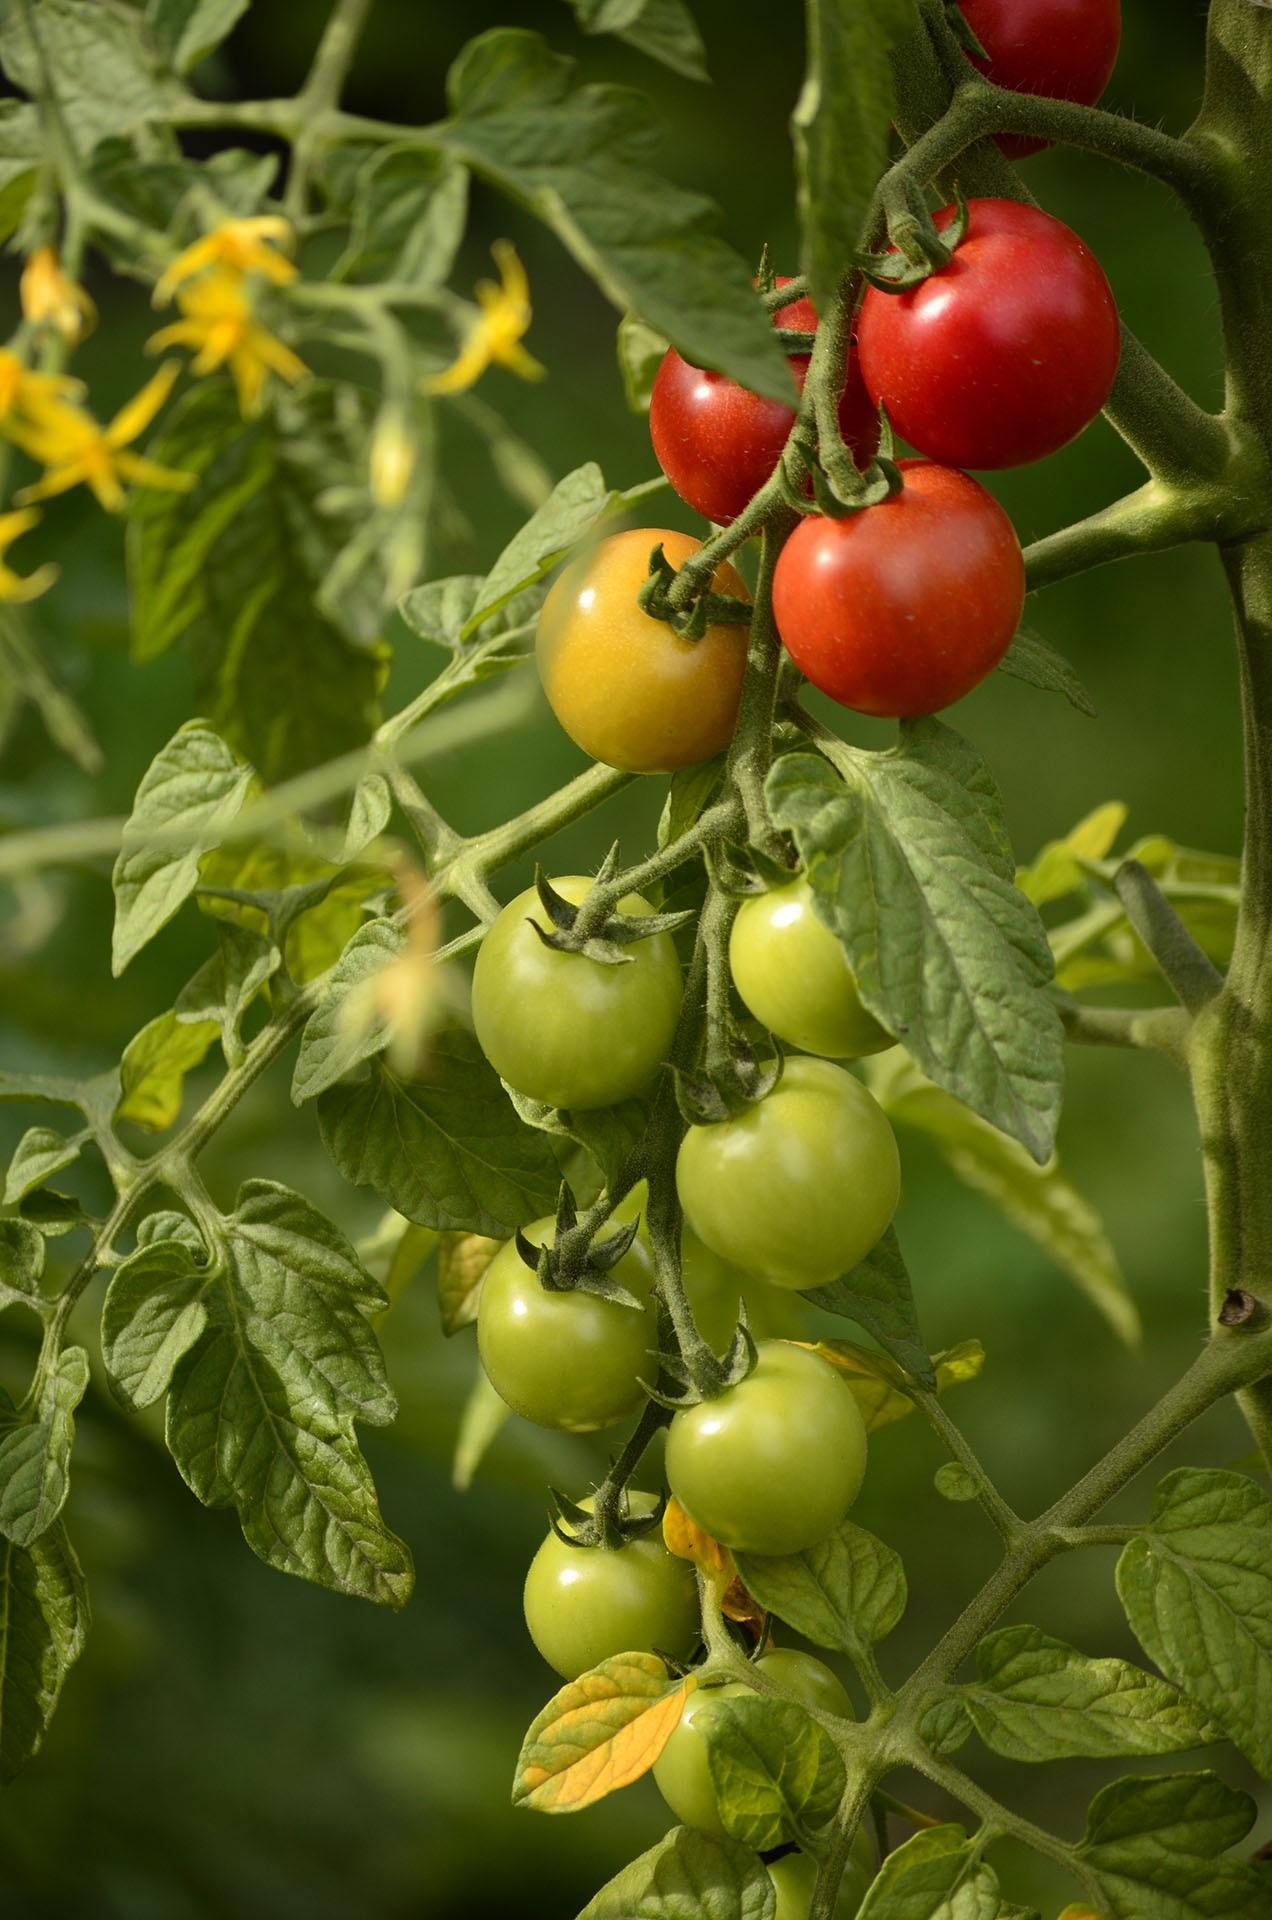 как формируют томаты марьина роща фото ему